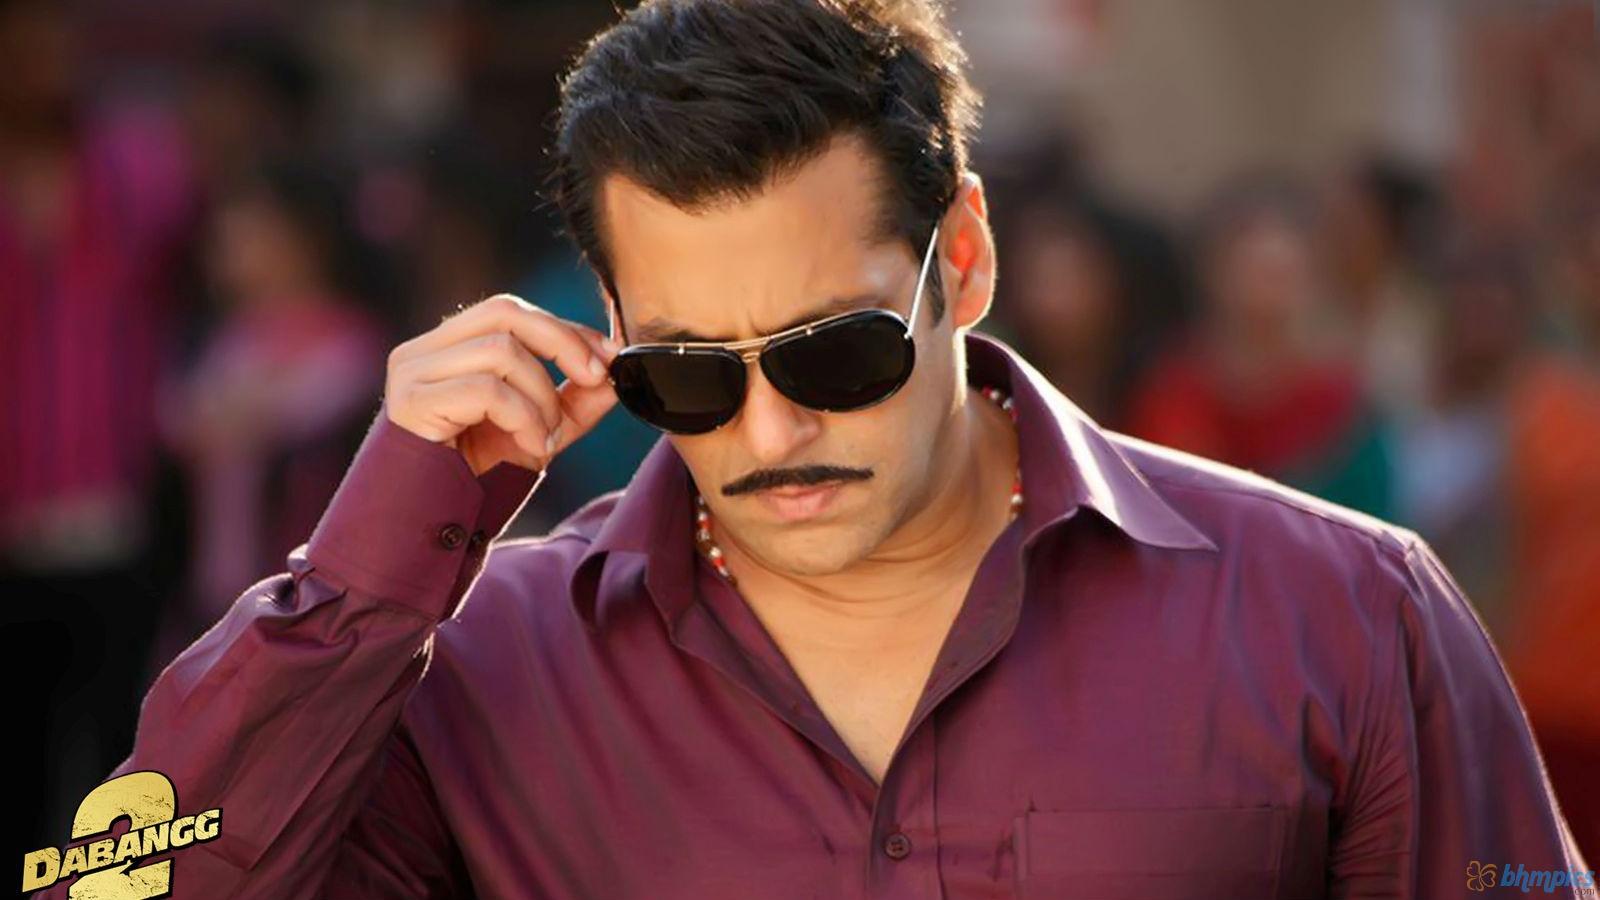 Dashing Salman Khan In Dabangg 2